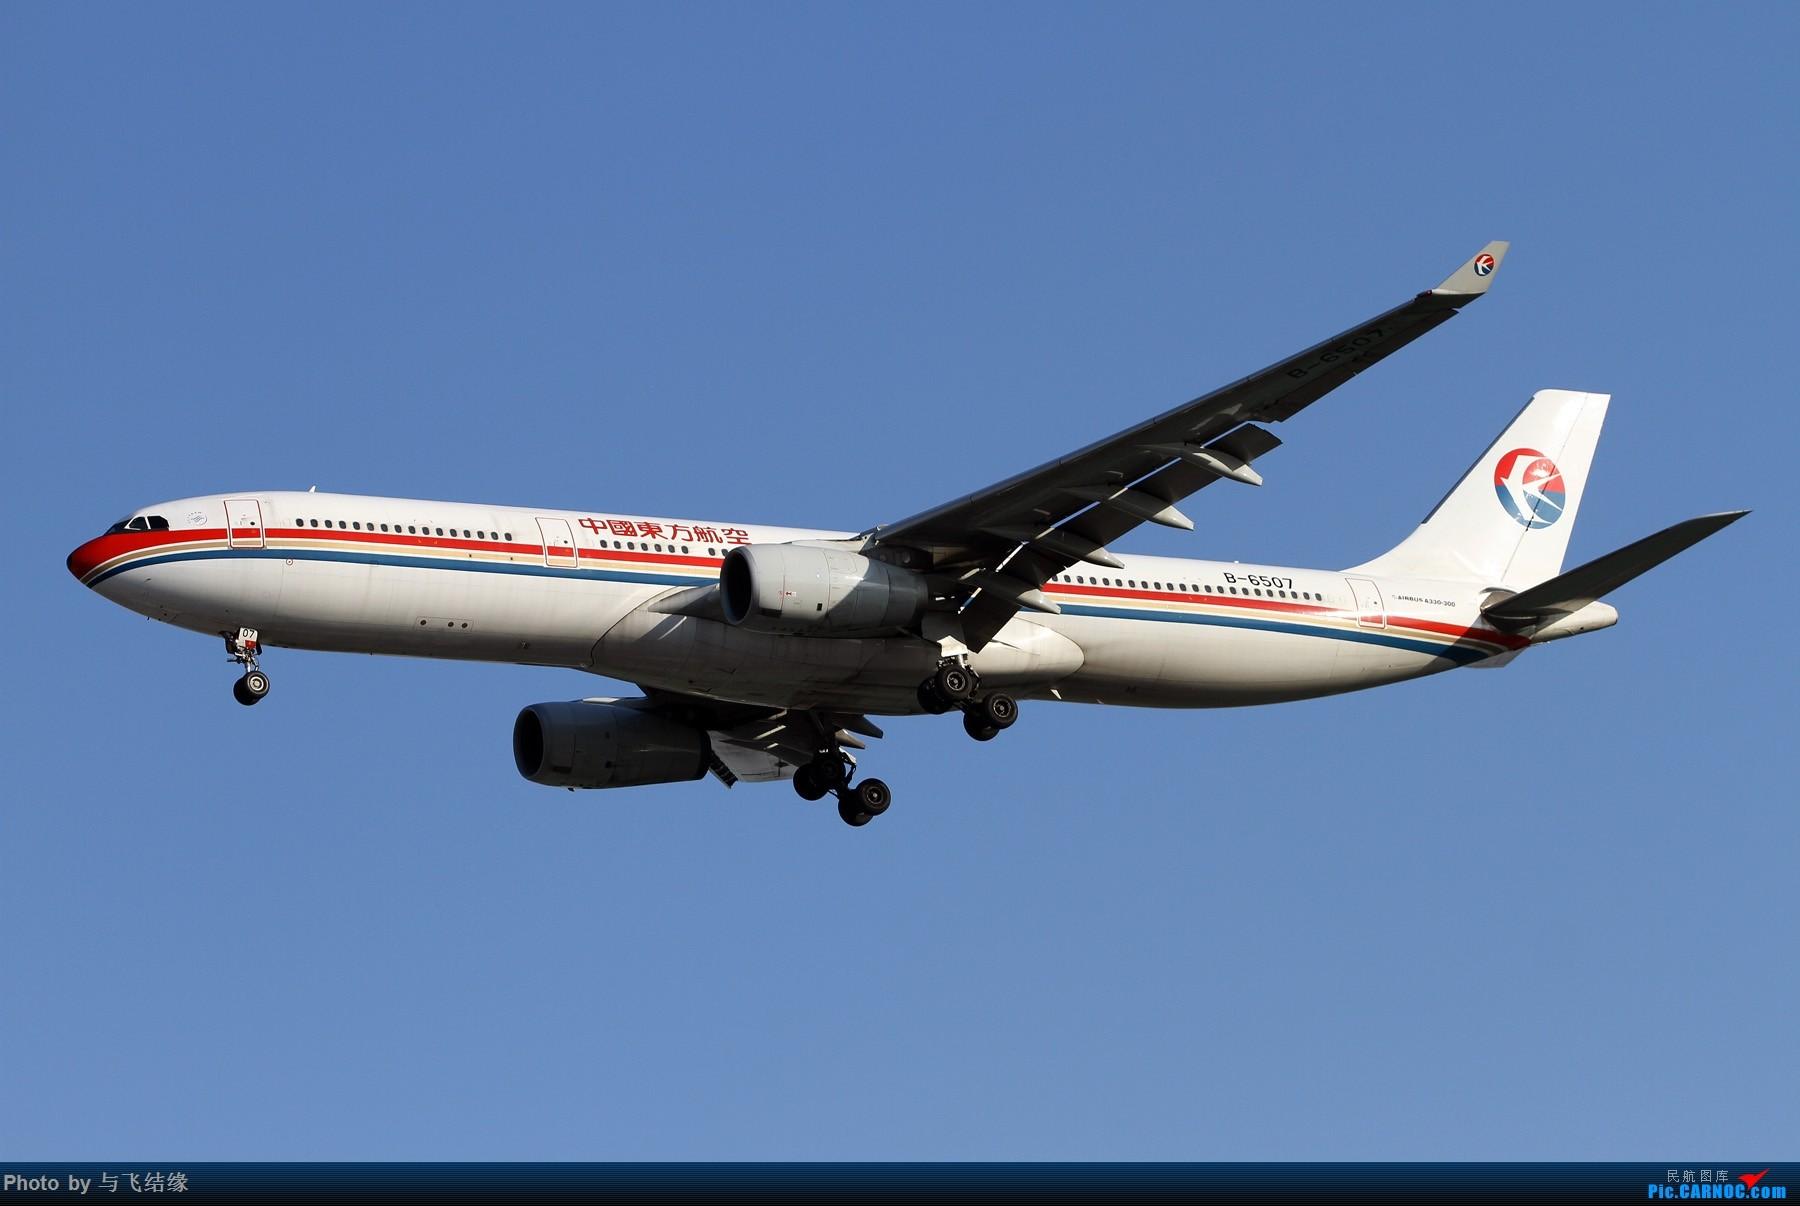 Re:[原创]十二月十号天气不错,楼了几张拙作出来露个脸发一下。 AIRBUS A330-300 B-6507 中国北京首都国际机场